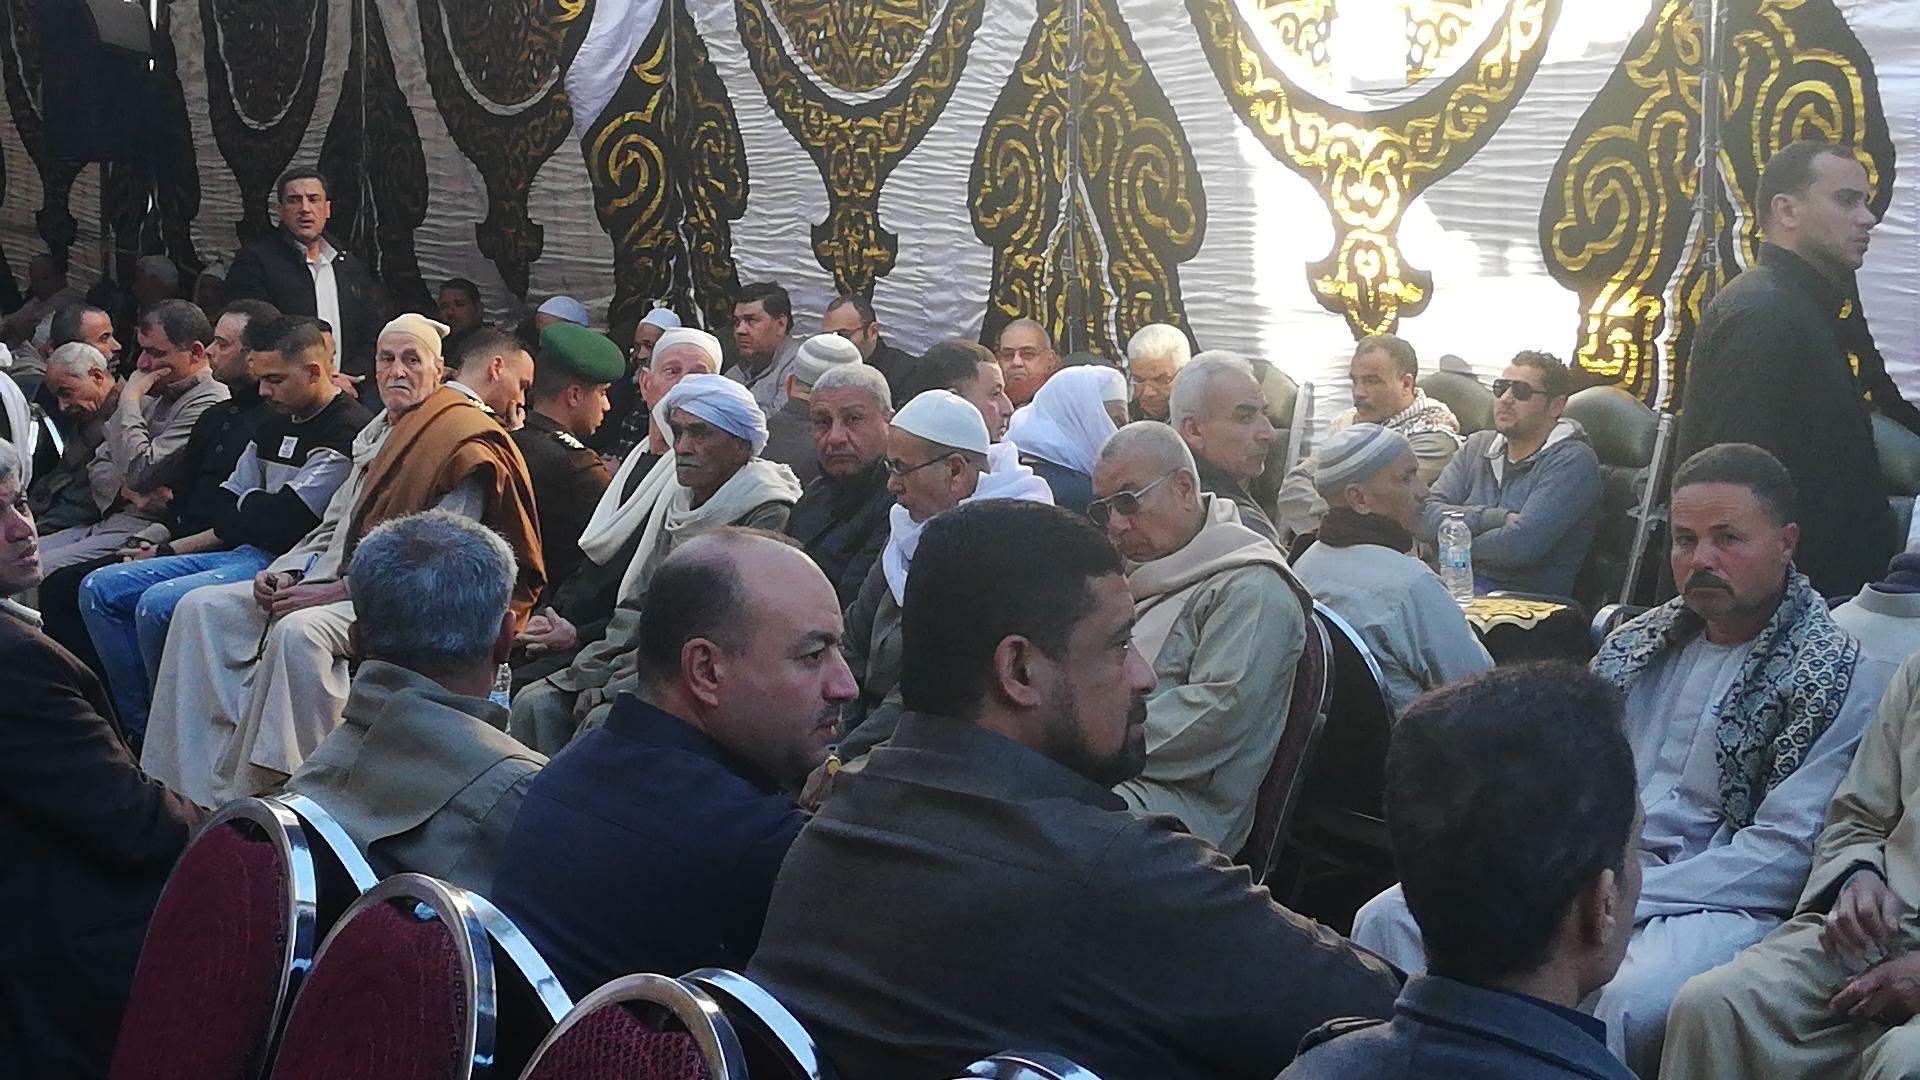 الألاف يؤدون واجب العزاء فى الشهيد مصطفى عبيد بمسقط راسه فى الجيزة (6)